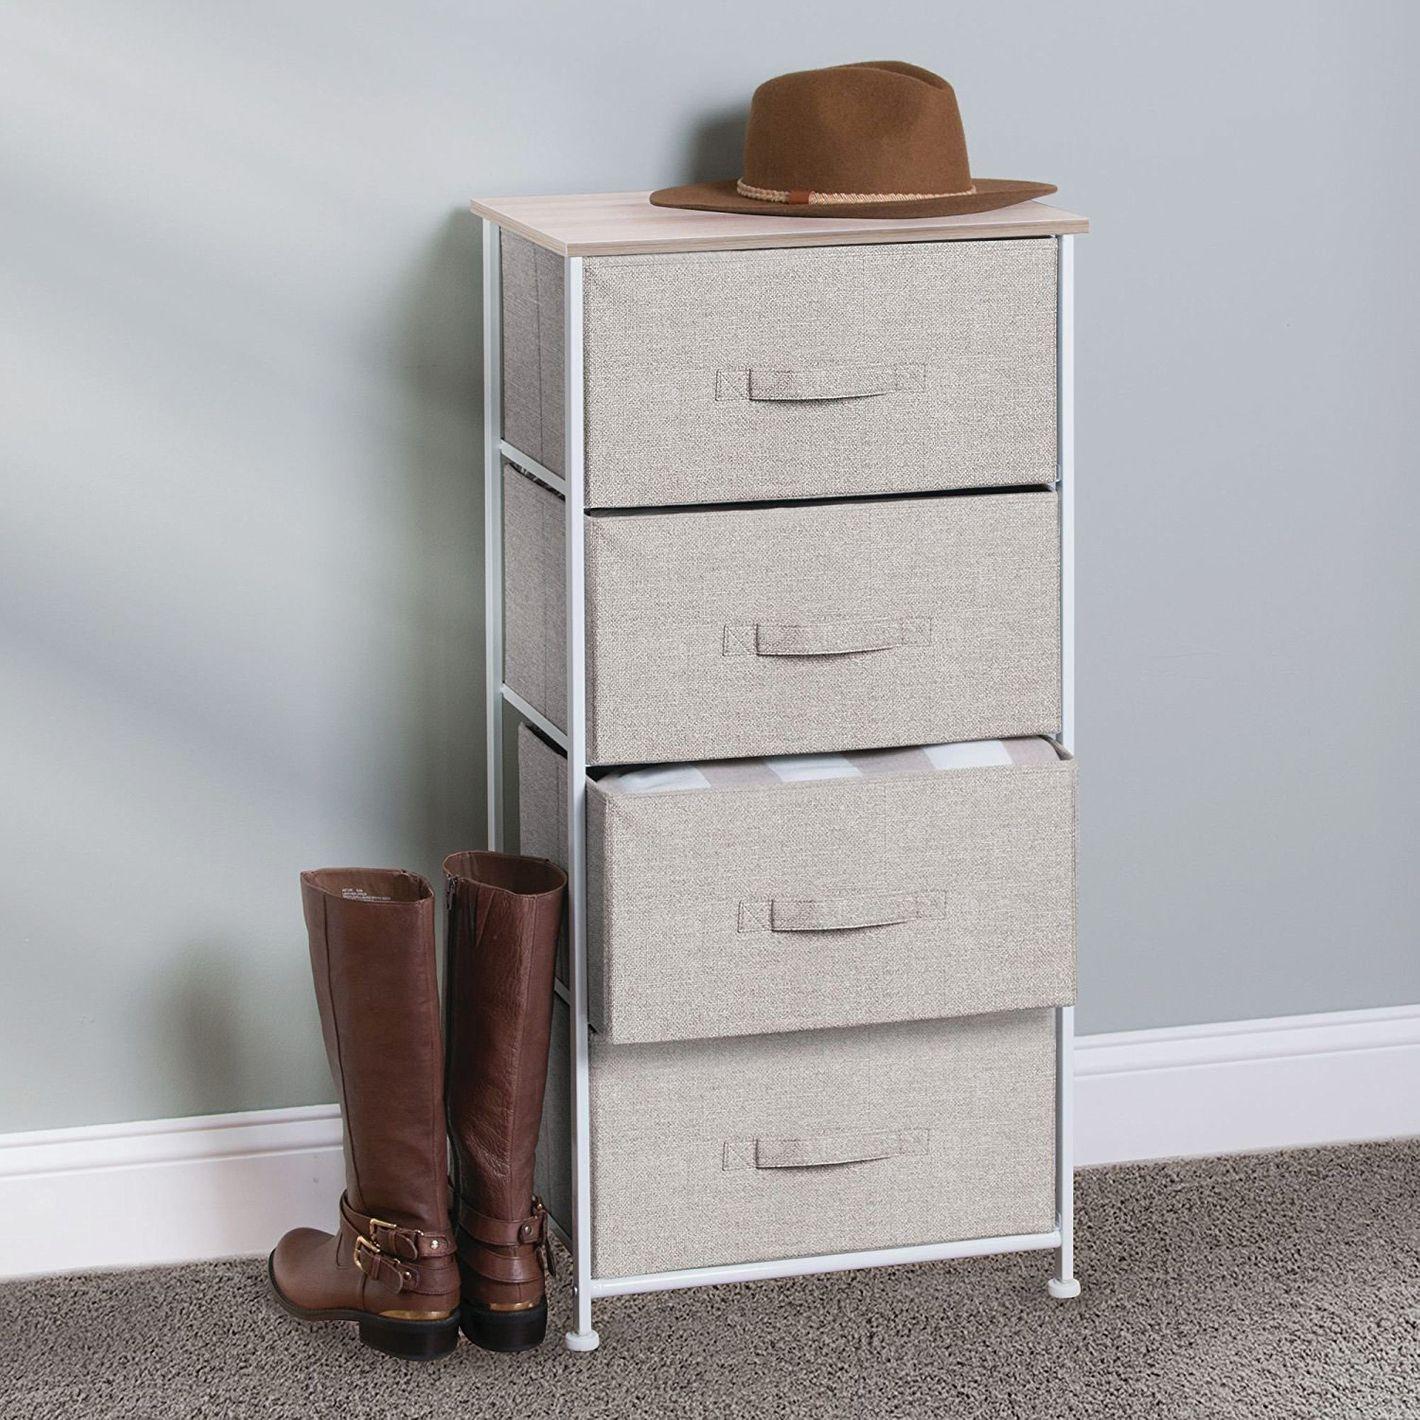 mDesign Fabric 4-Drawer Storage Organizer Dresser